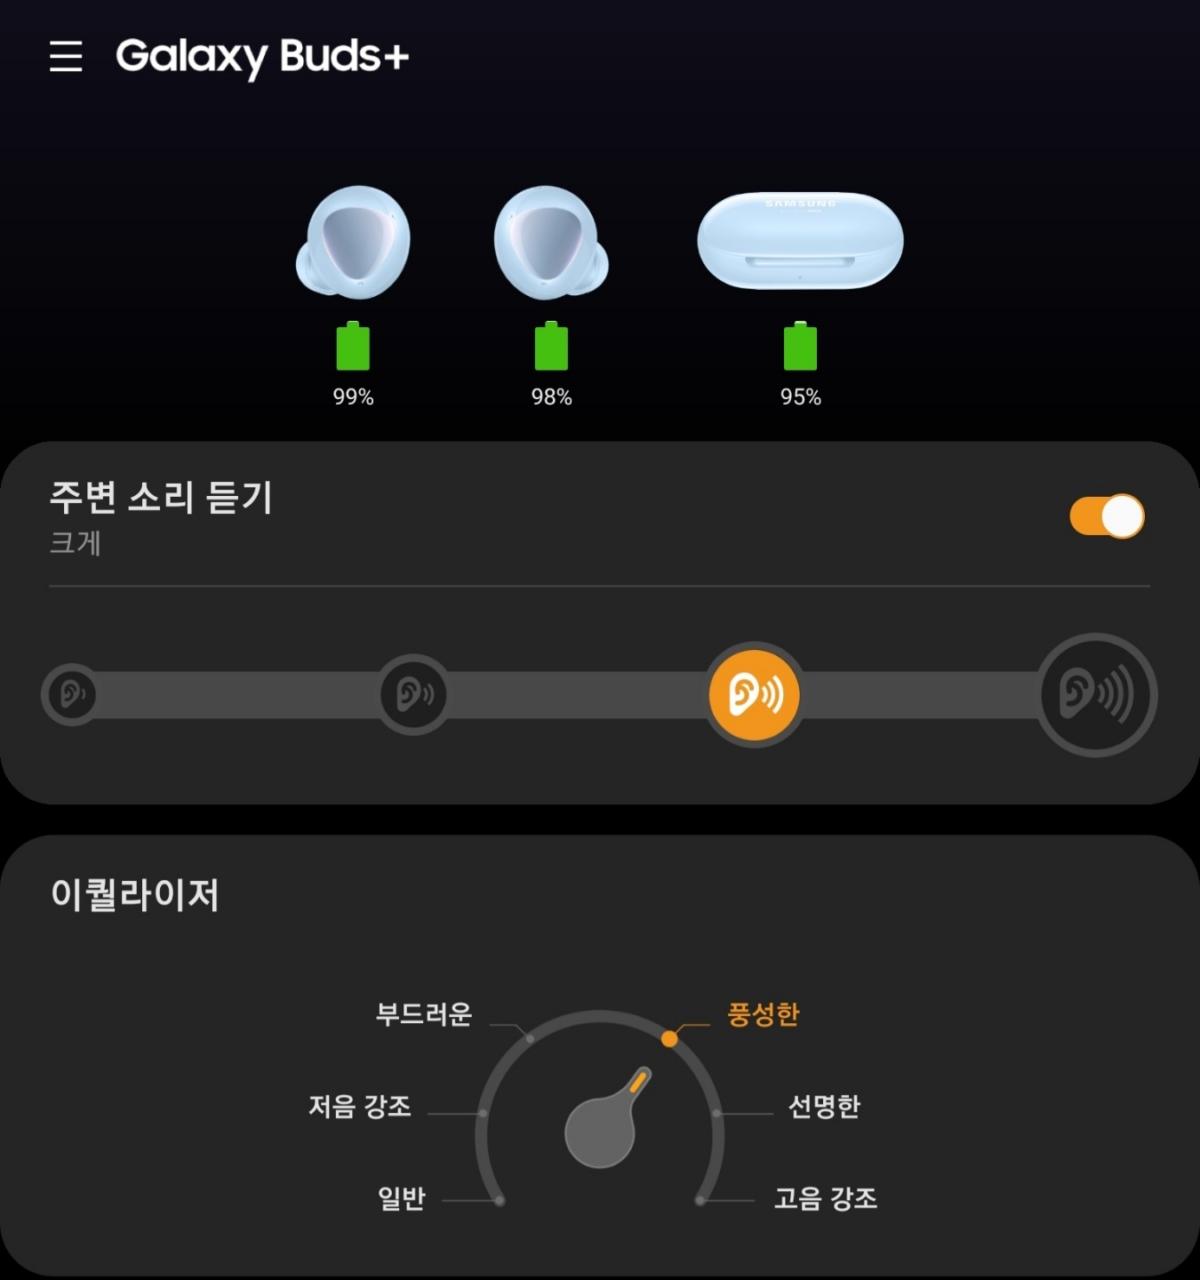 갤럭시 버즈 플러스 인터페이스 화면